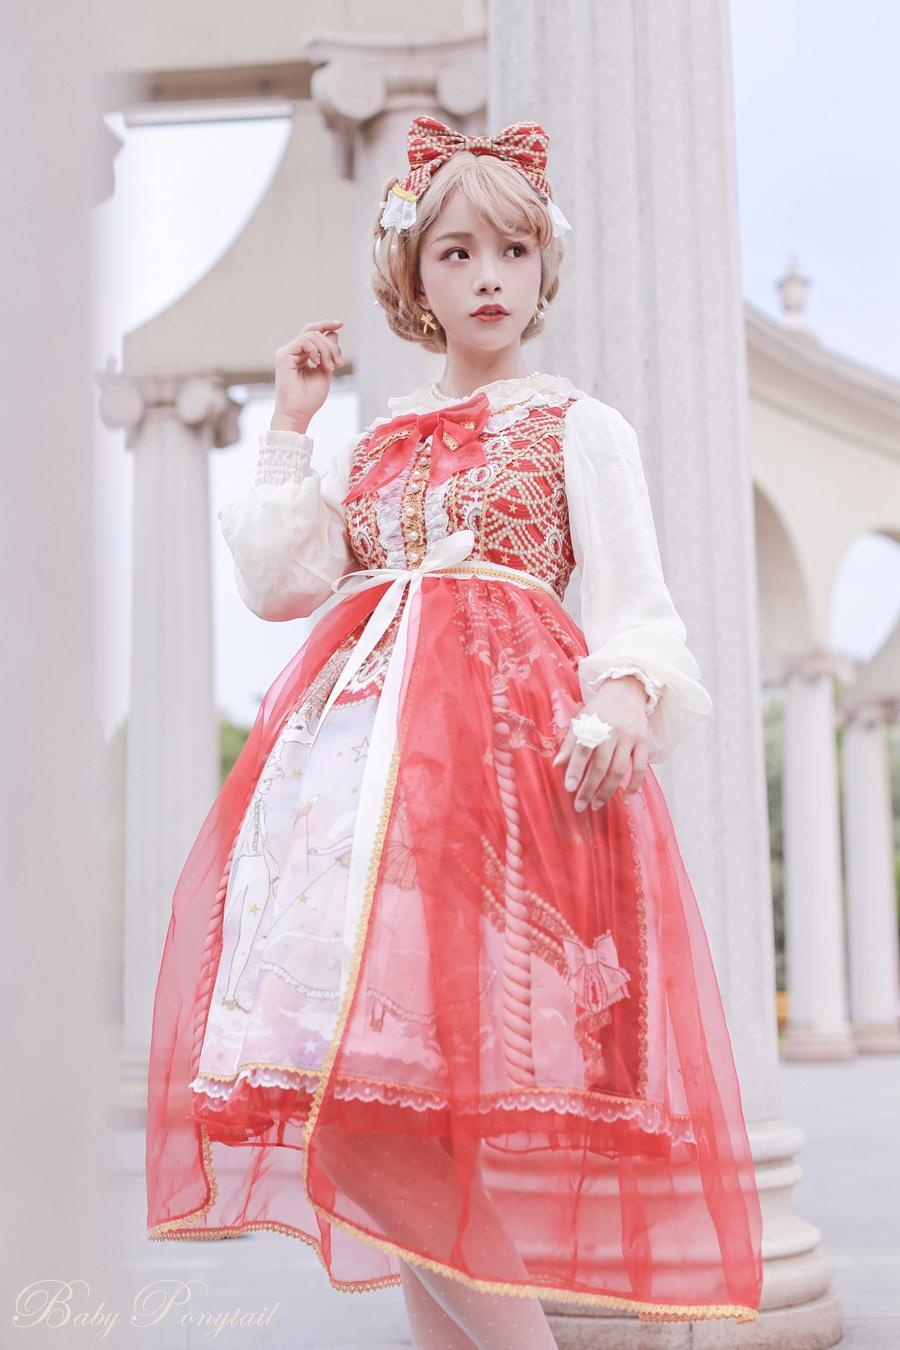 Baby Ponytail Masquerade Ballet Red JSK_谢安然_03.jpg